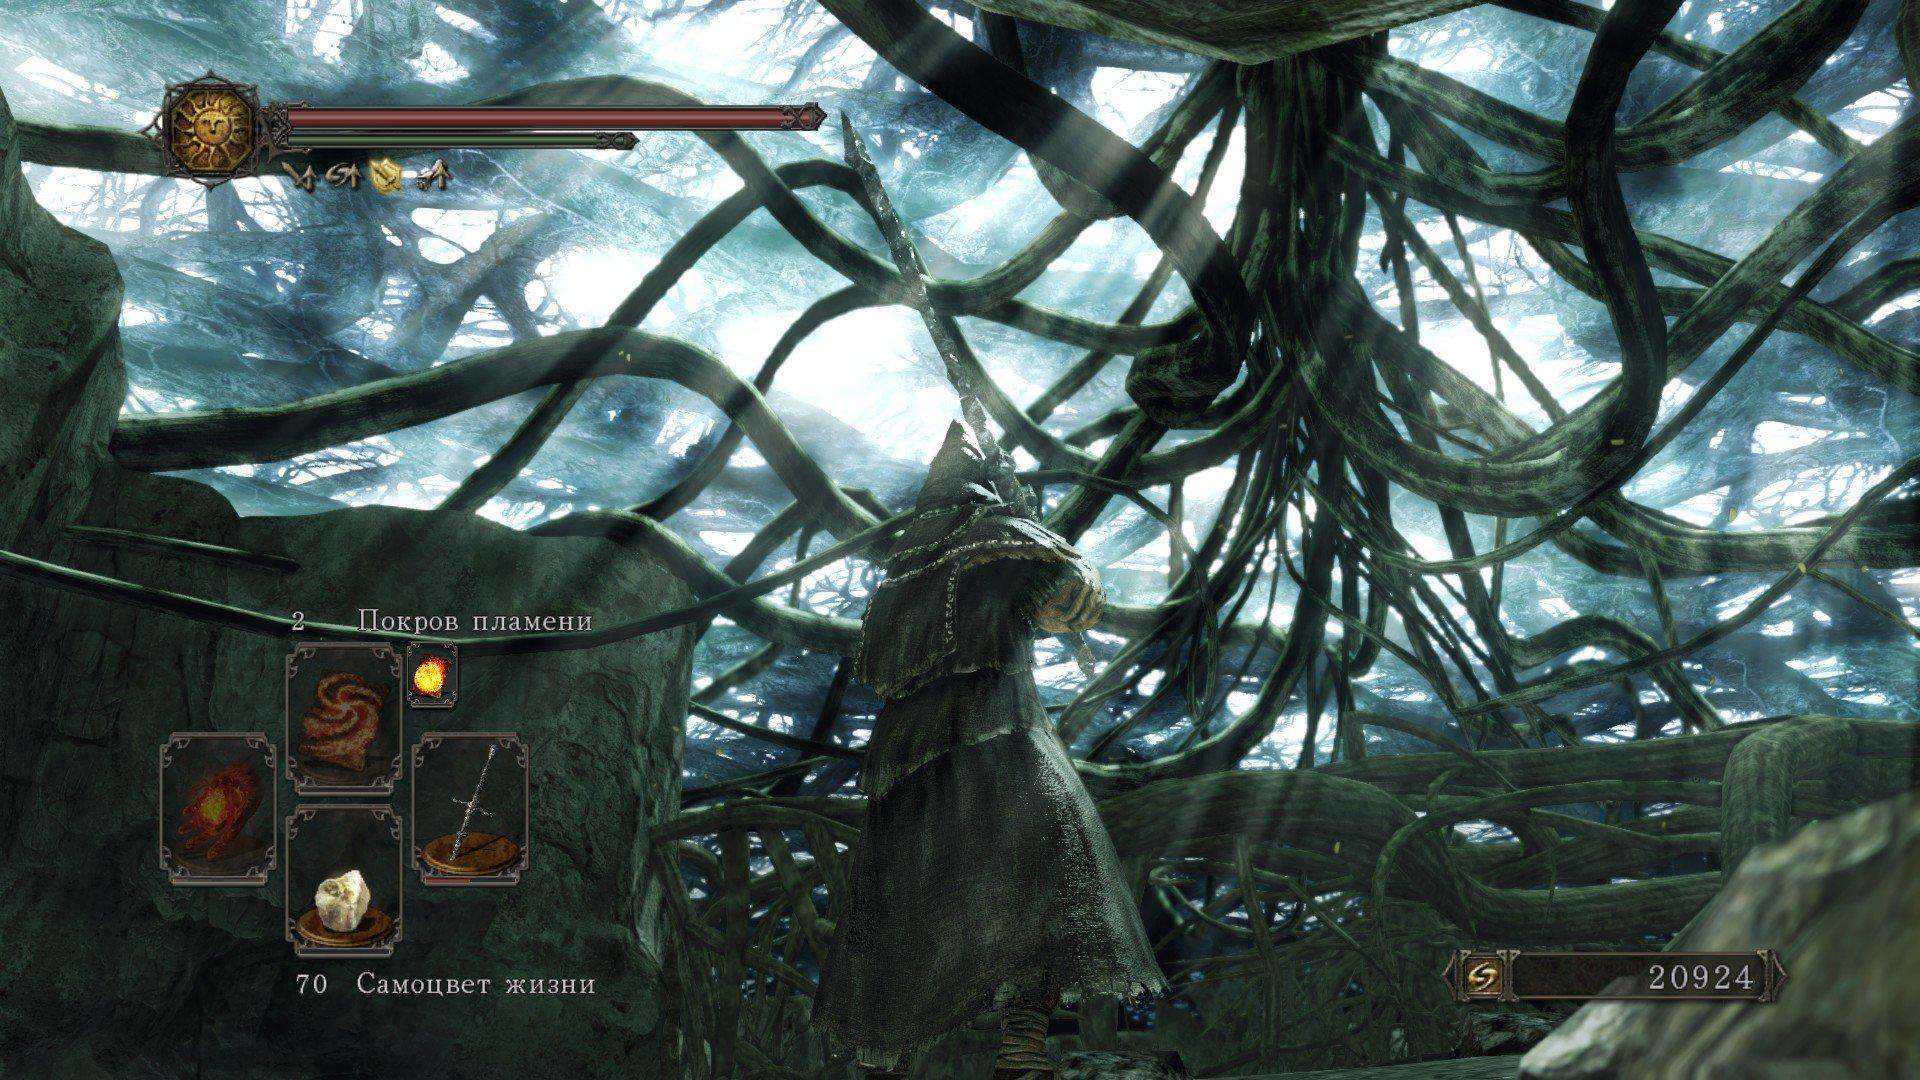 Вопль-прохождение Dark Souls 2 ... получилось много скриншотов -_- - Изображение 9